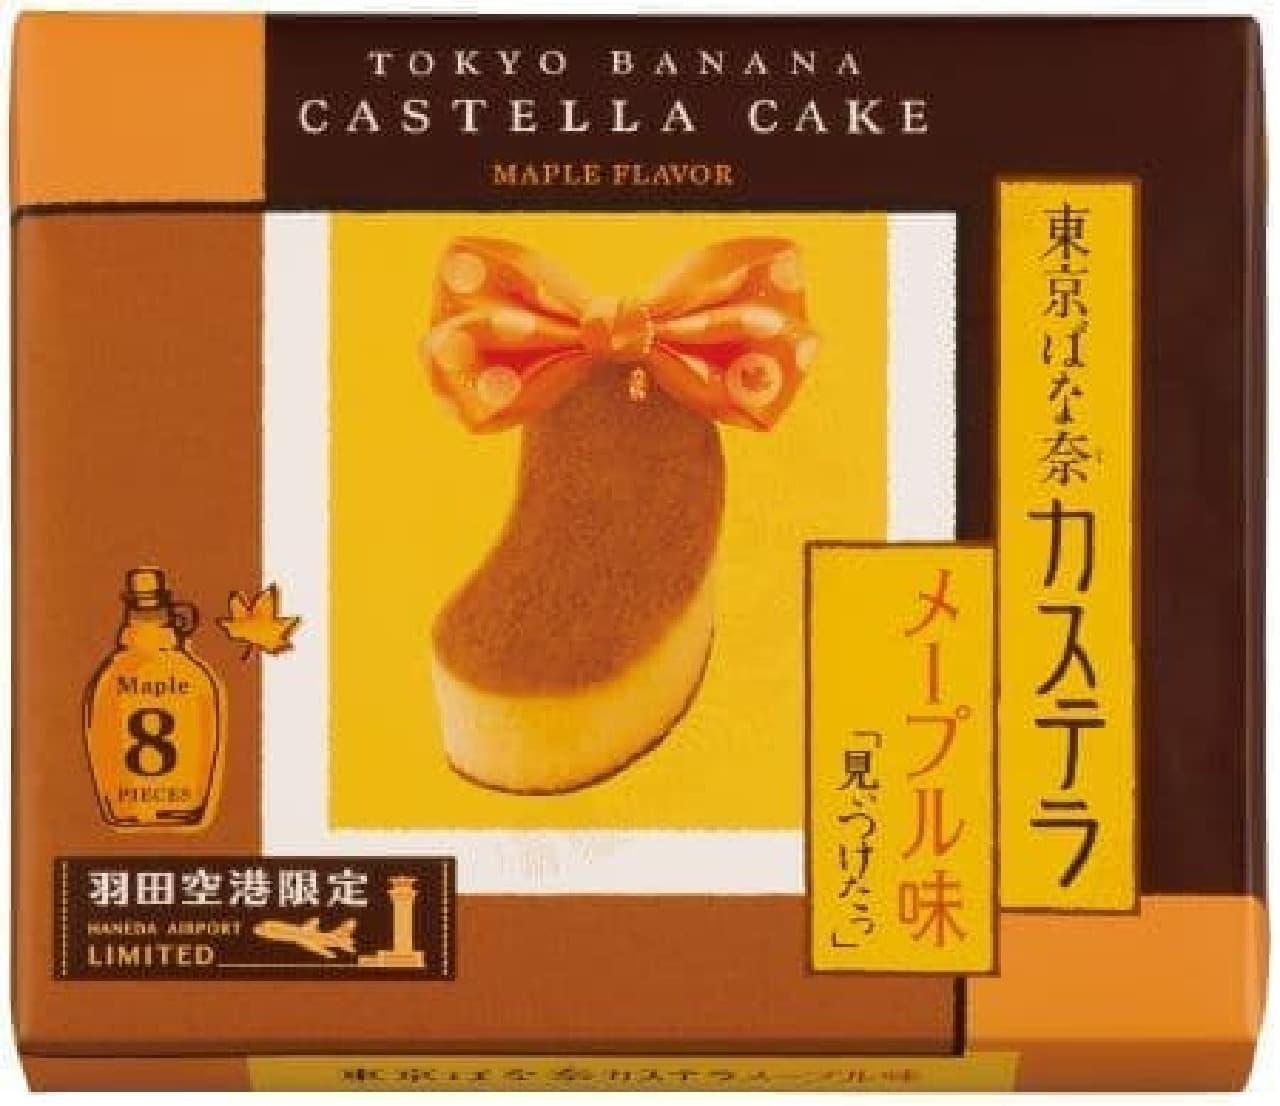 東京ばな奈カステラ メープル味【羽田空港限定】 は、ープルざらめが散りばめられたほのかにバナナの風味が広がる本格カステラ